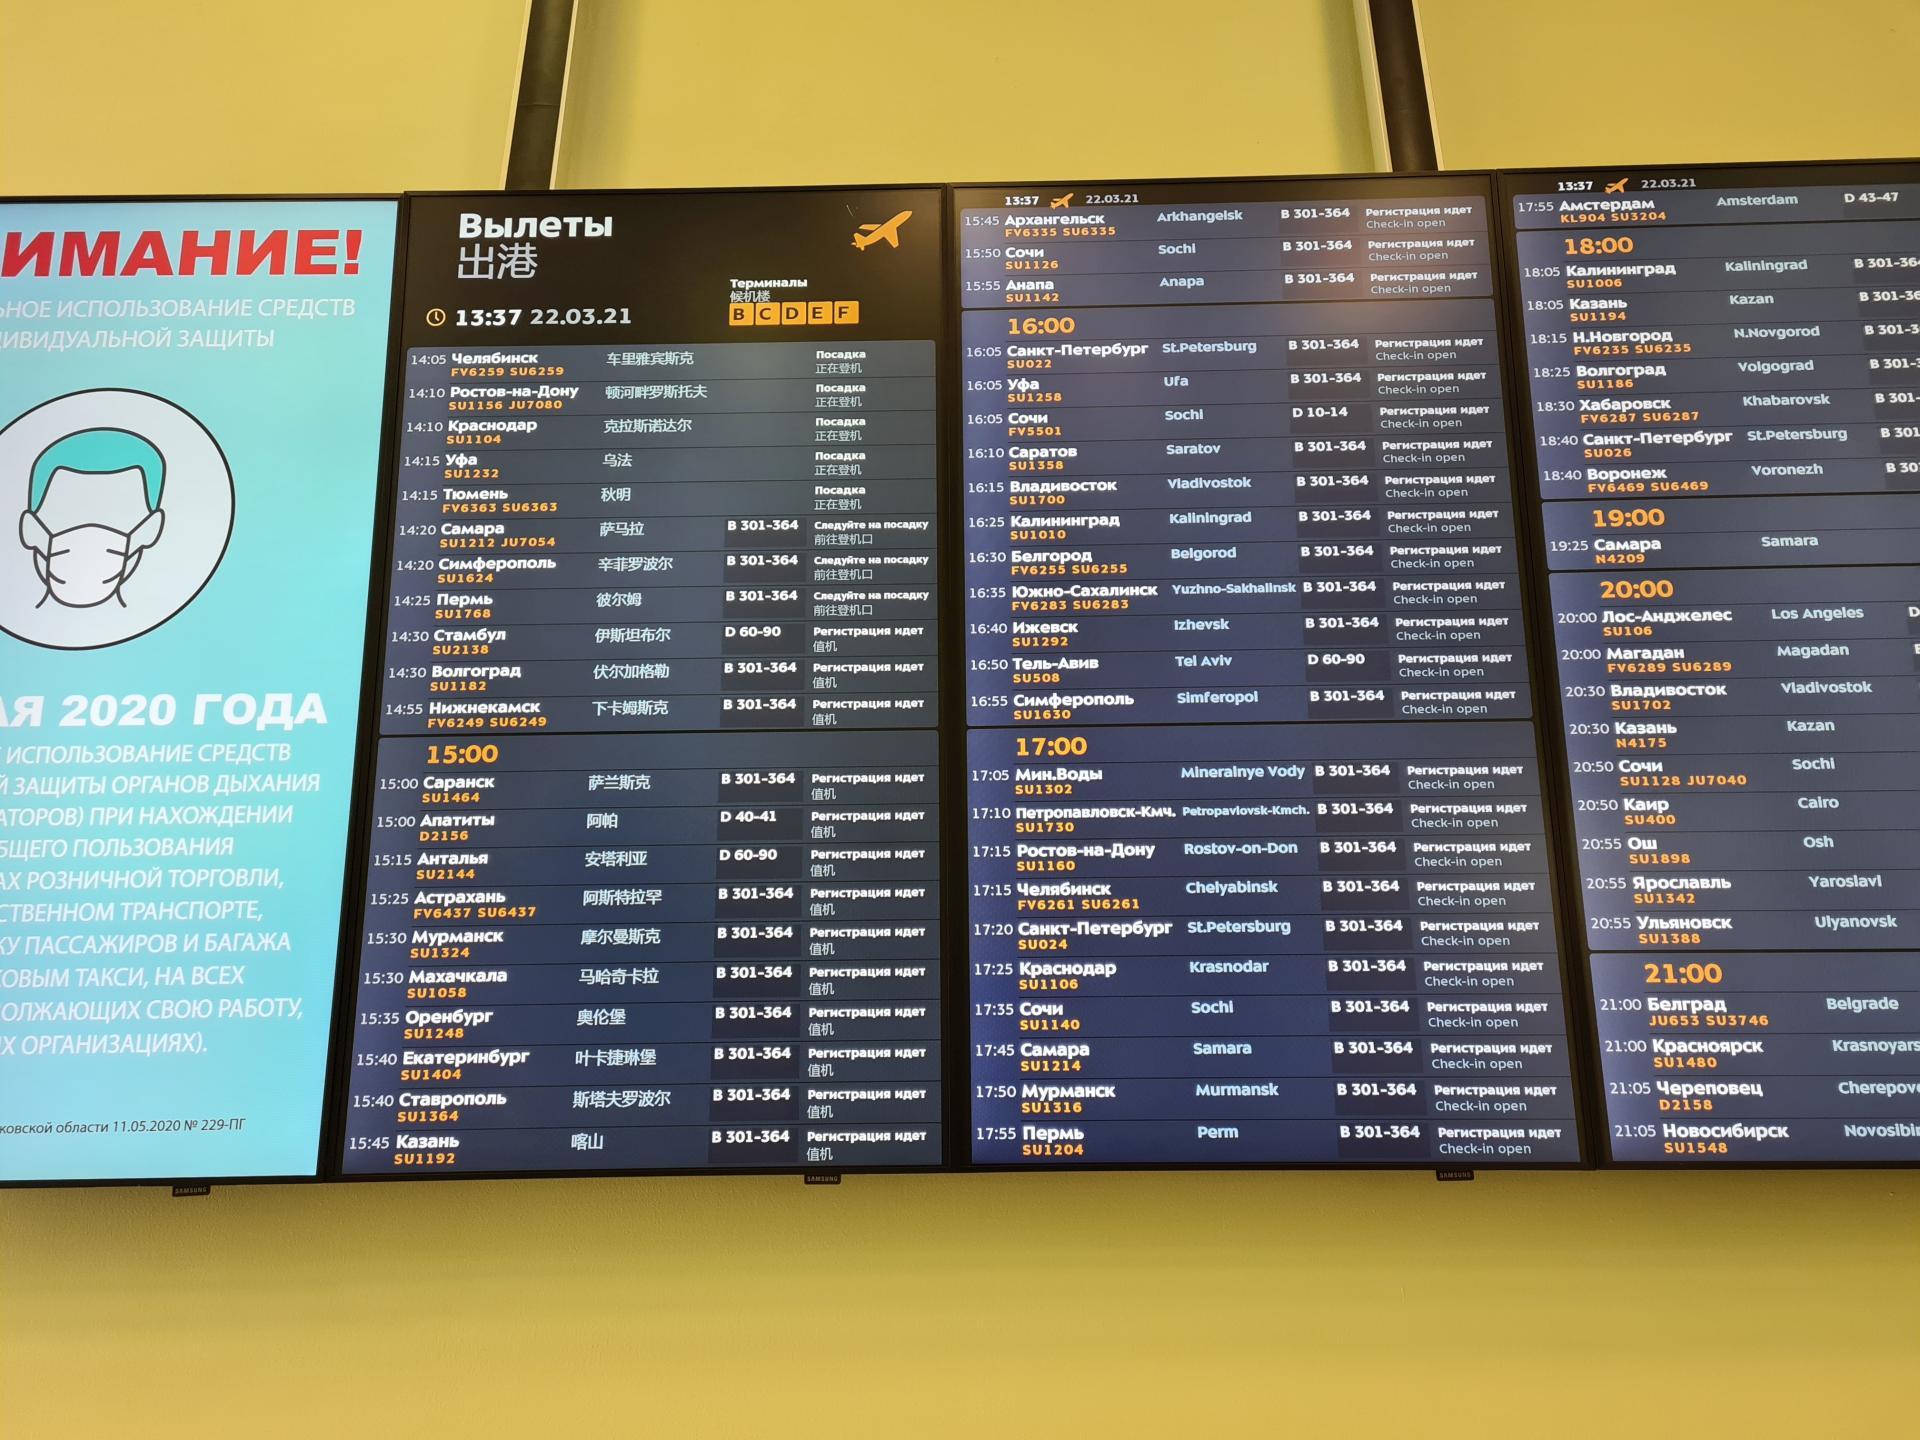 информационное табло аэропорта Шереметьево